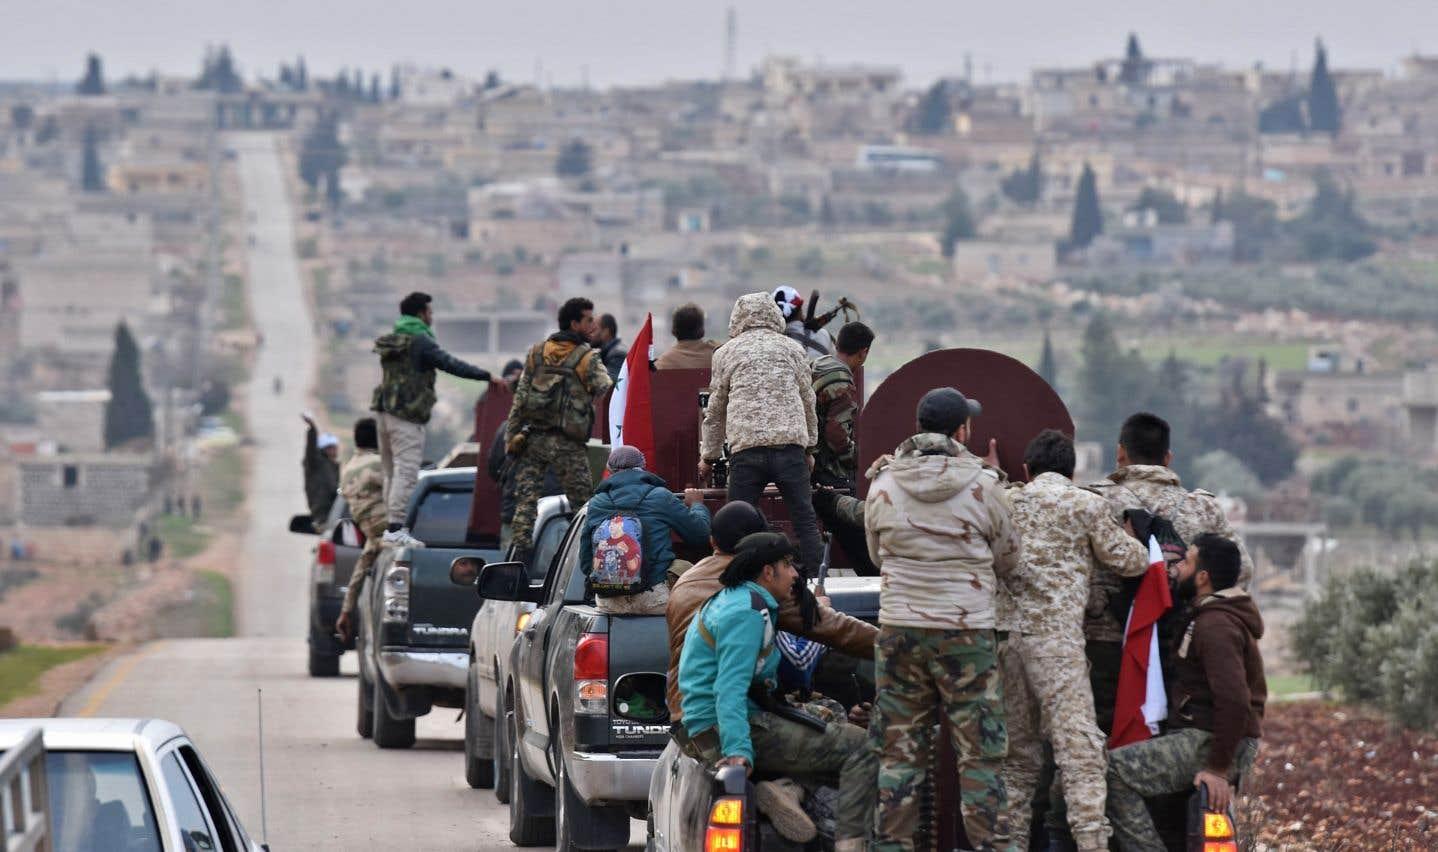 Selon l'Observatoire syrien des droits de l'Homme, des «centaines de combattants ont été déployés» mardi après-midi dans la zone d'Afrine.